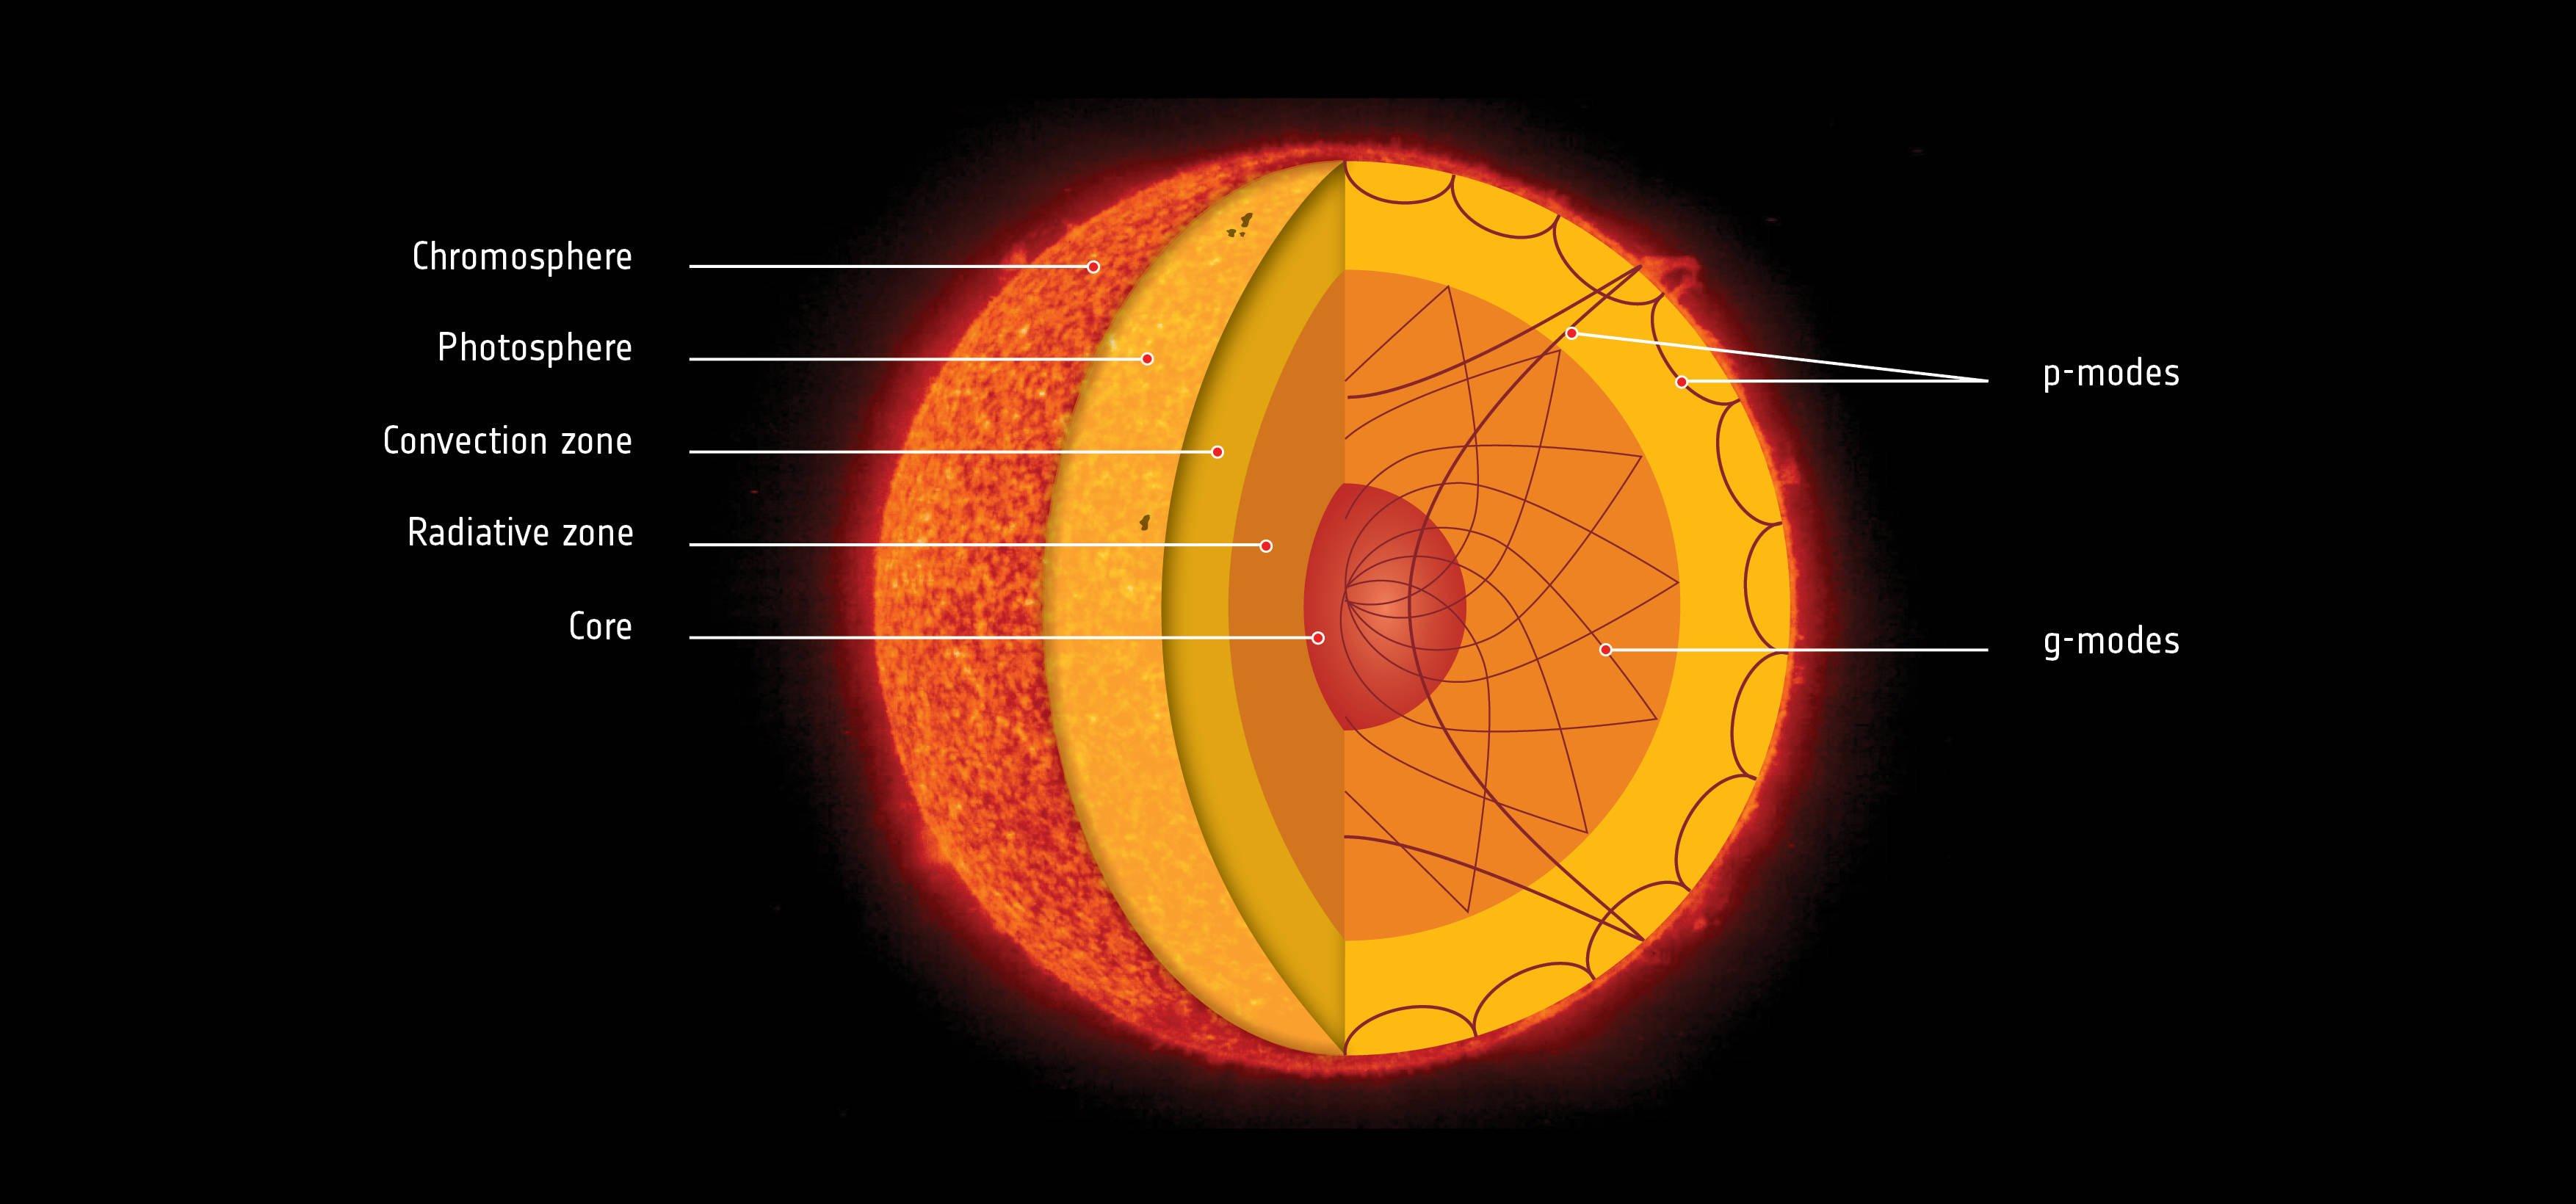 esa_soho_sun_pgmodes_0 real sun diagram wiring diagrams source